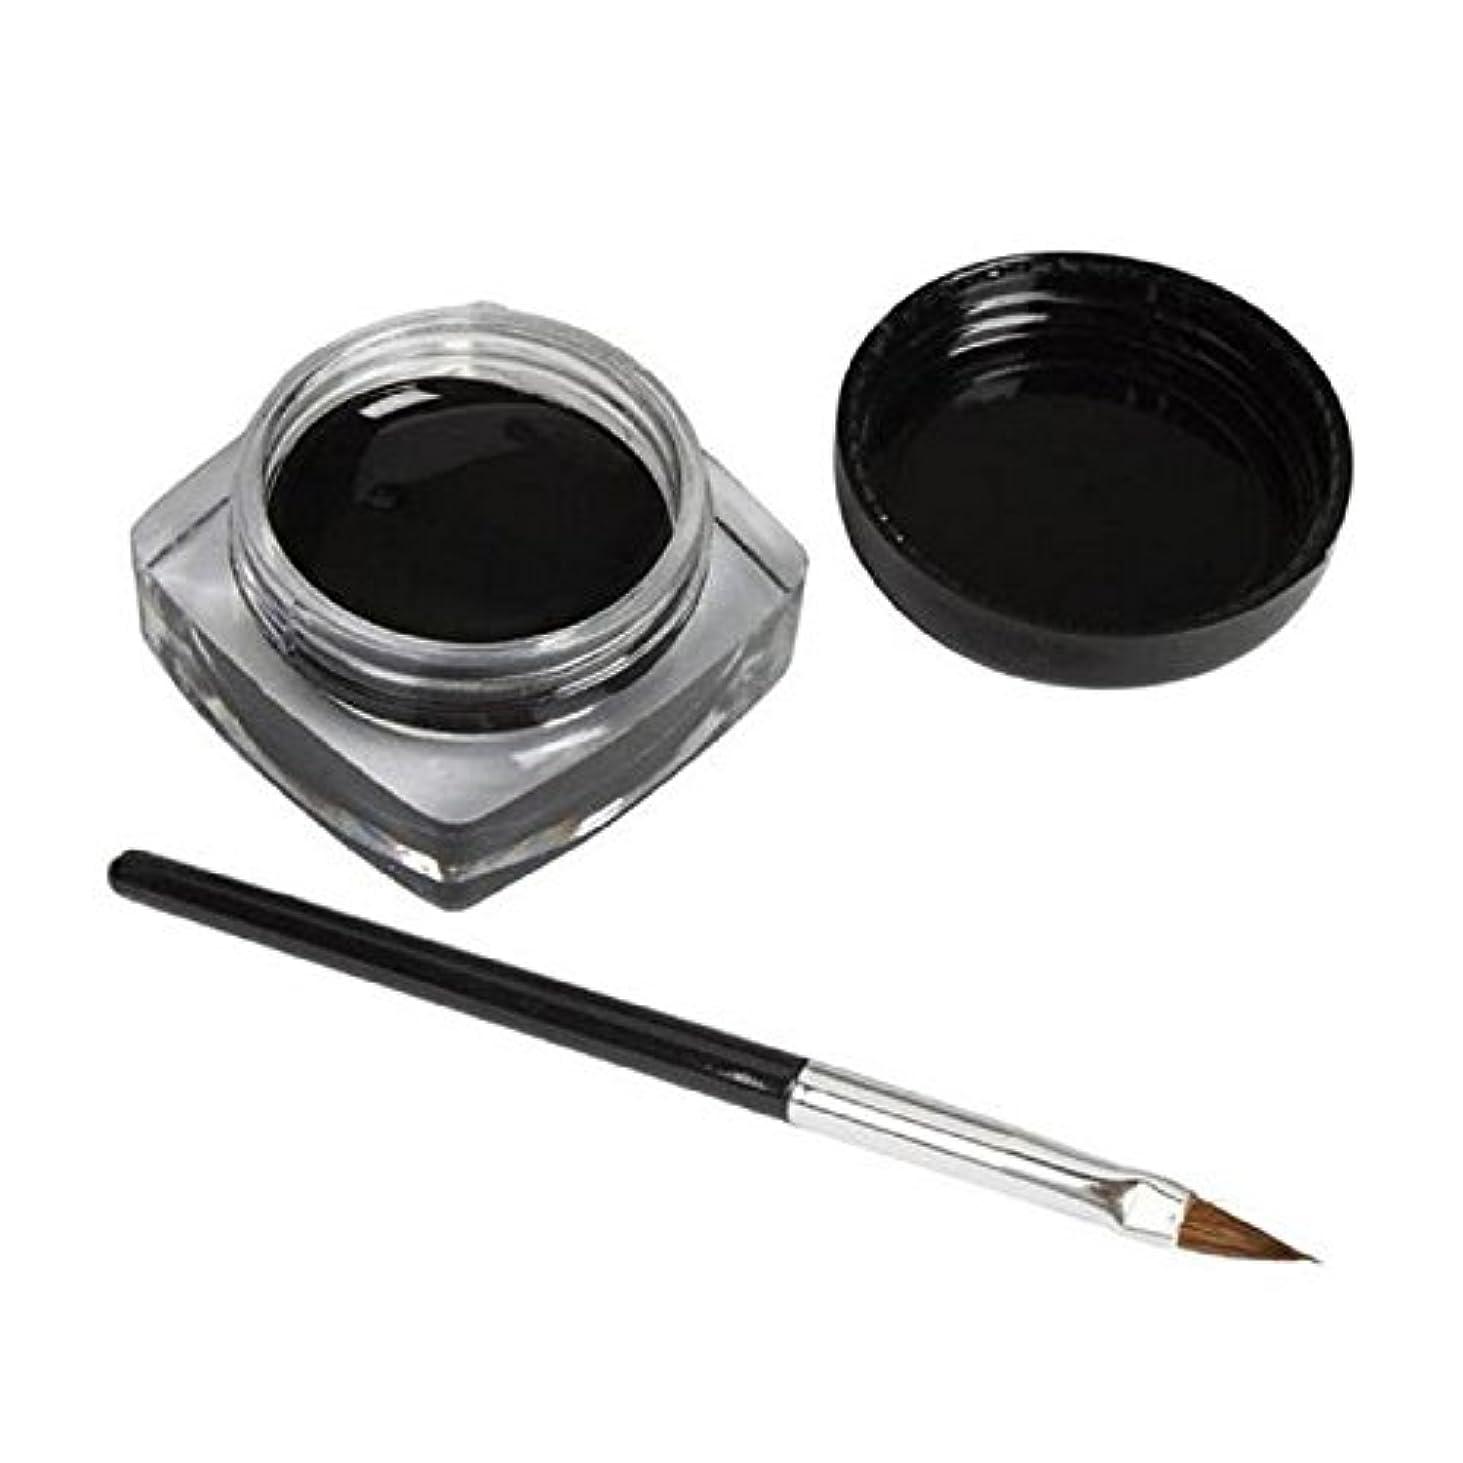 隣接規則性品揃え2pc ミニアイライナージェルクリーム YOKINO アイライナージェル 黒 ブラック 防水 アイライナー ペーストペン 長持ち メイク アイメイク 高品質 自然